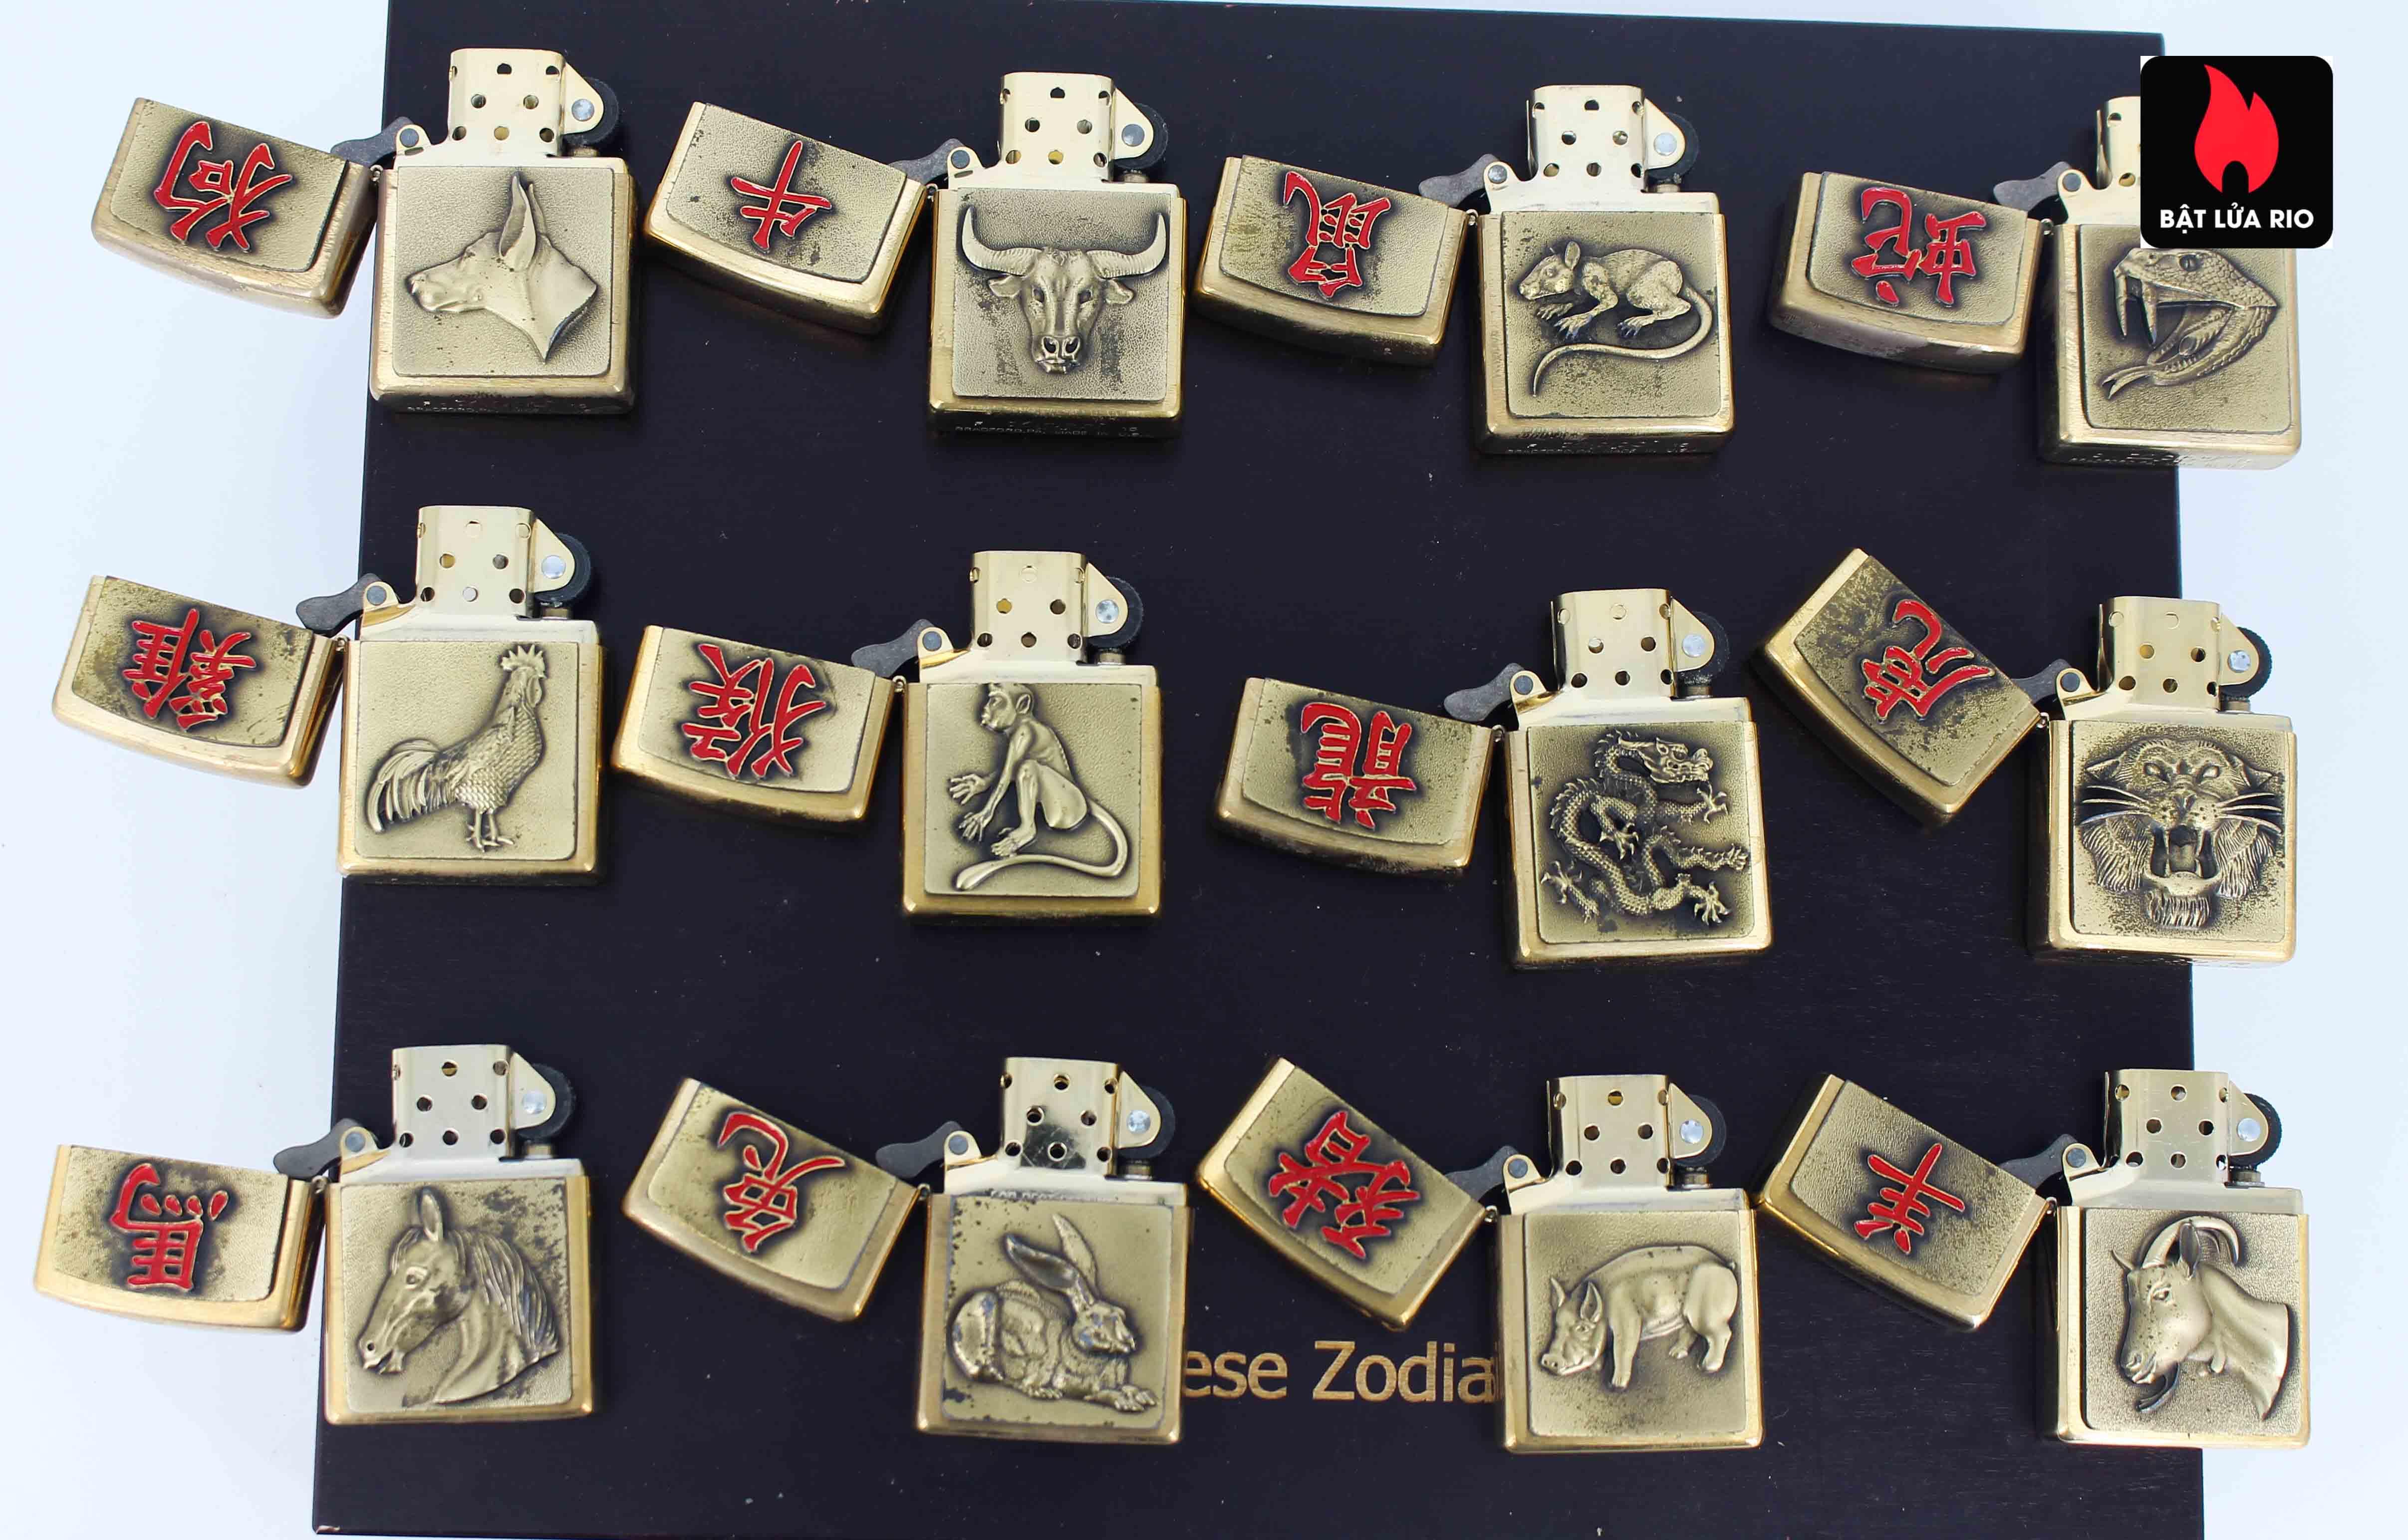 Zippo Set 2015 - Chinese Zodiac - 12 Con Giáp Châu Á 5